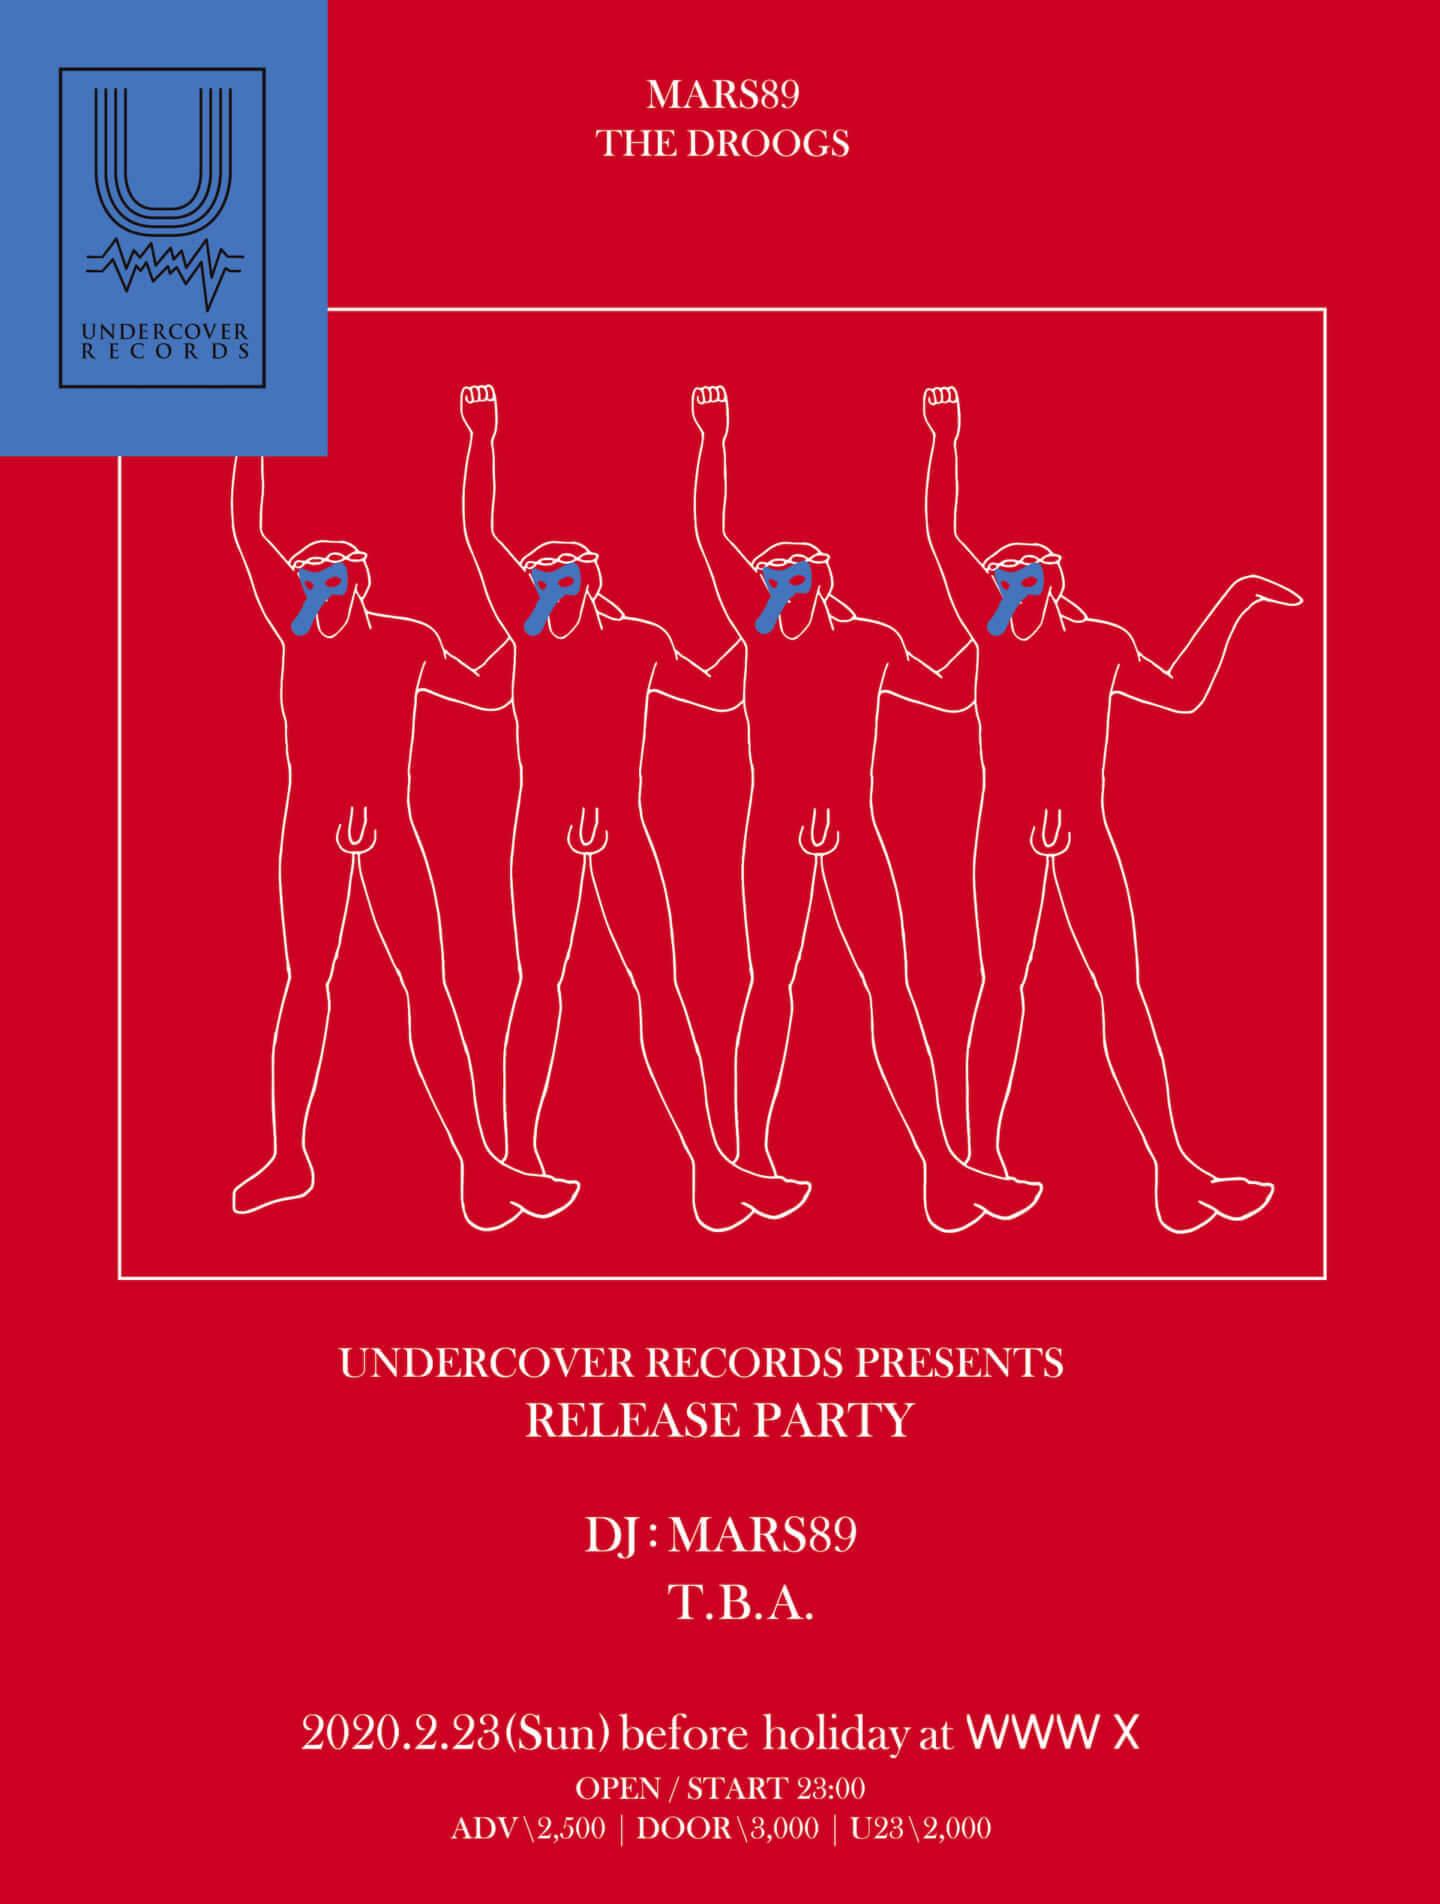 """ストリートなイベント【東京】UNDERCOVER presents MARS89 """"THE DROOGS"""" Release Party Mars89のUNDERCOVER RECORDSからの最新作『THE DROOGS』のリリースパーティーが開催!"""